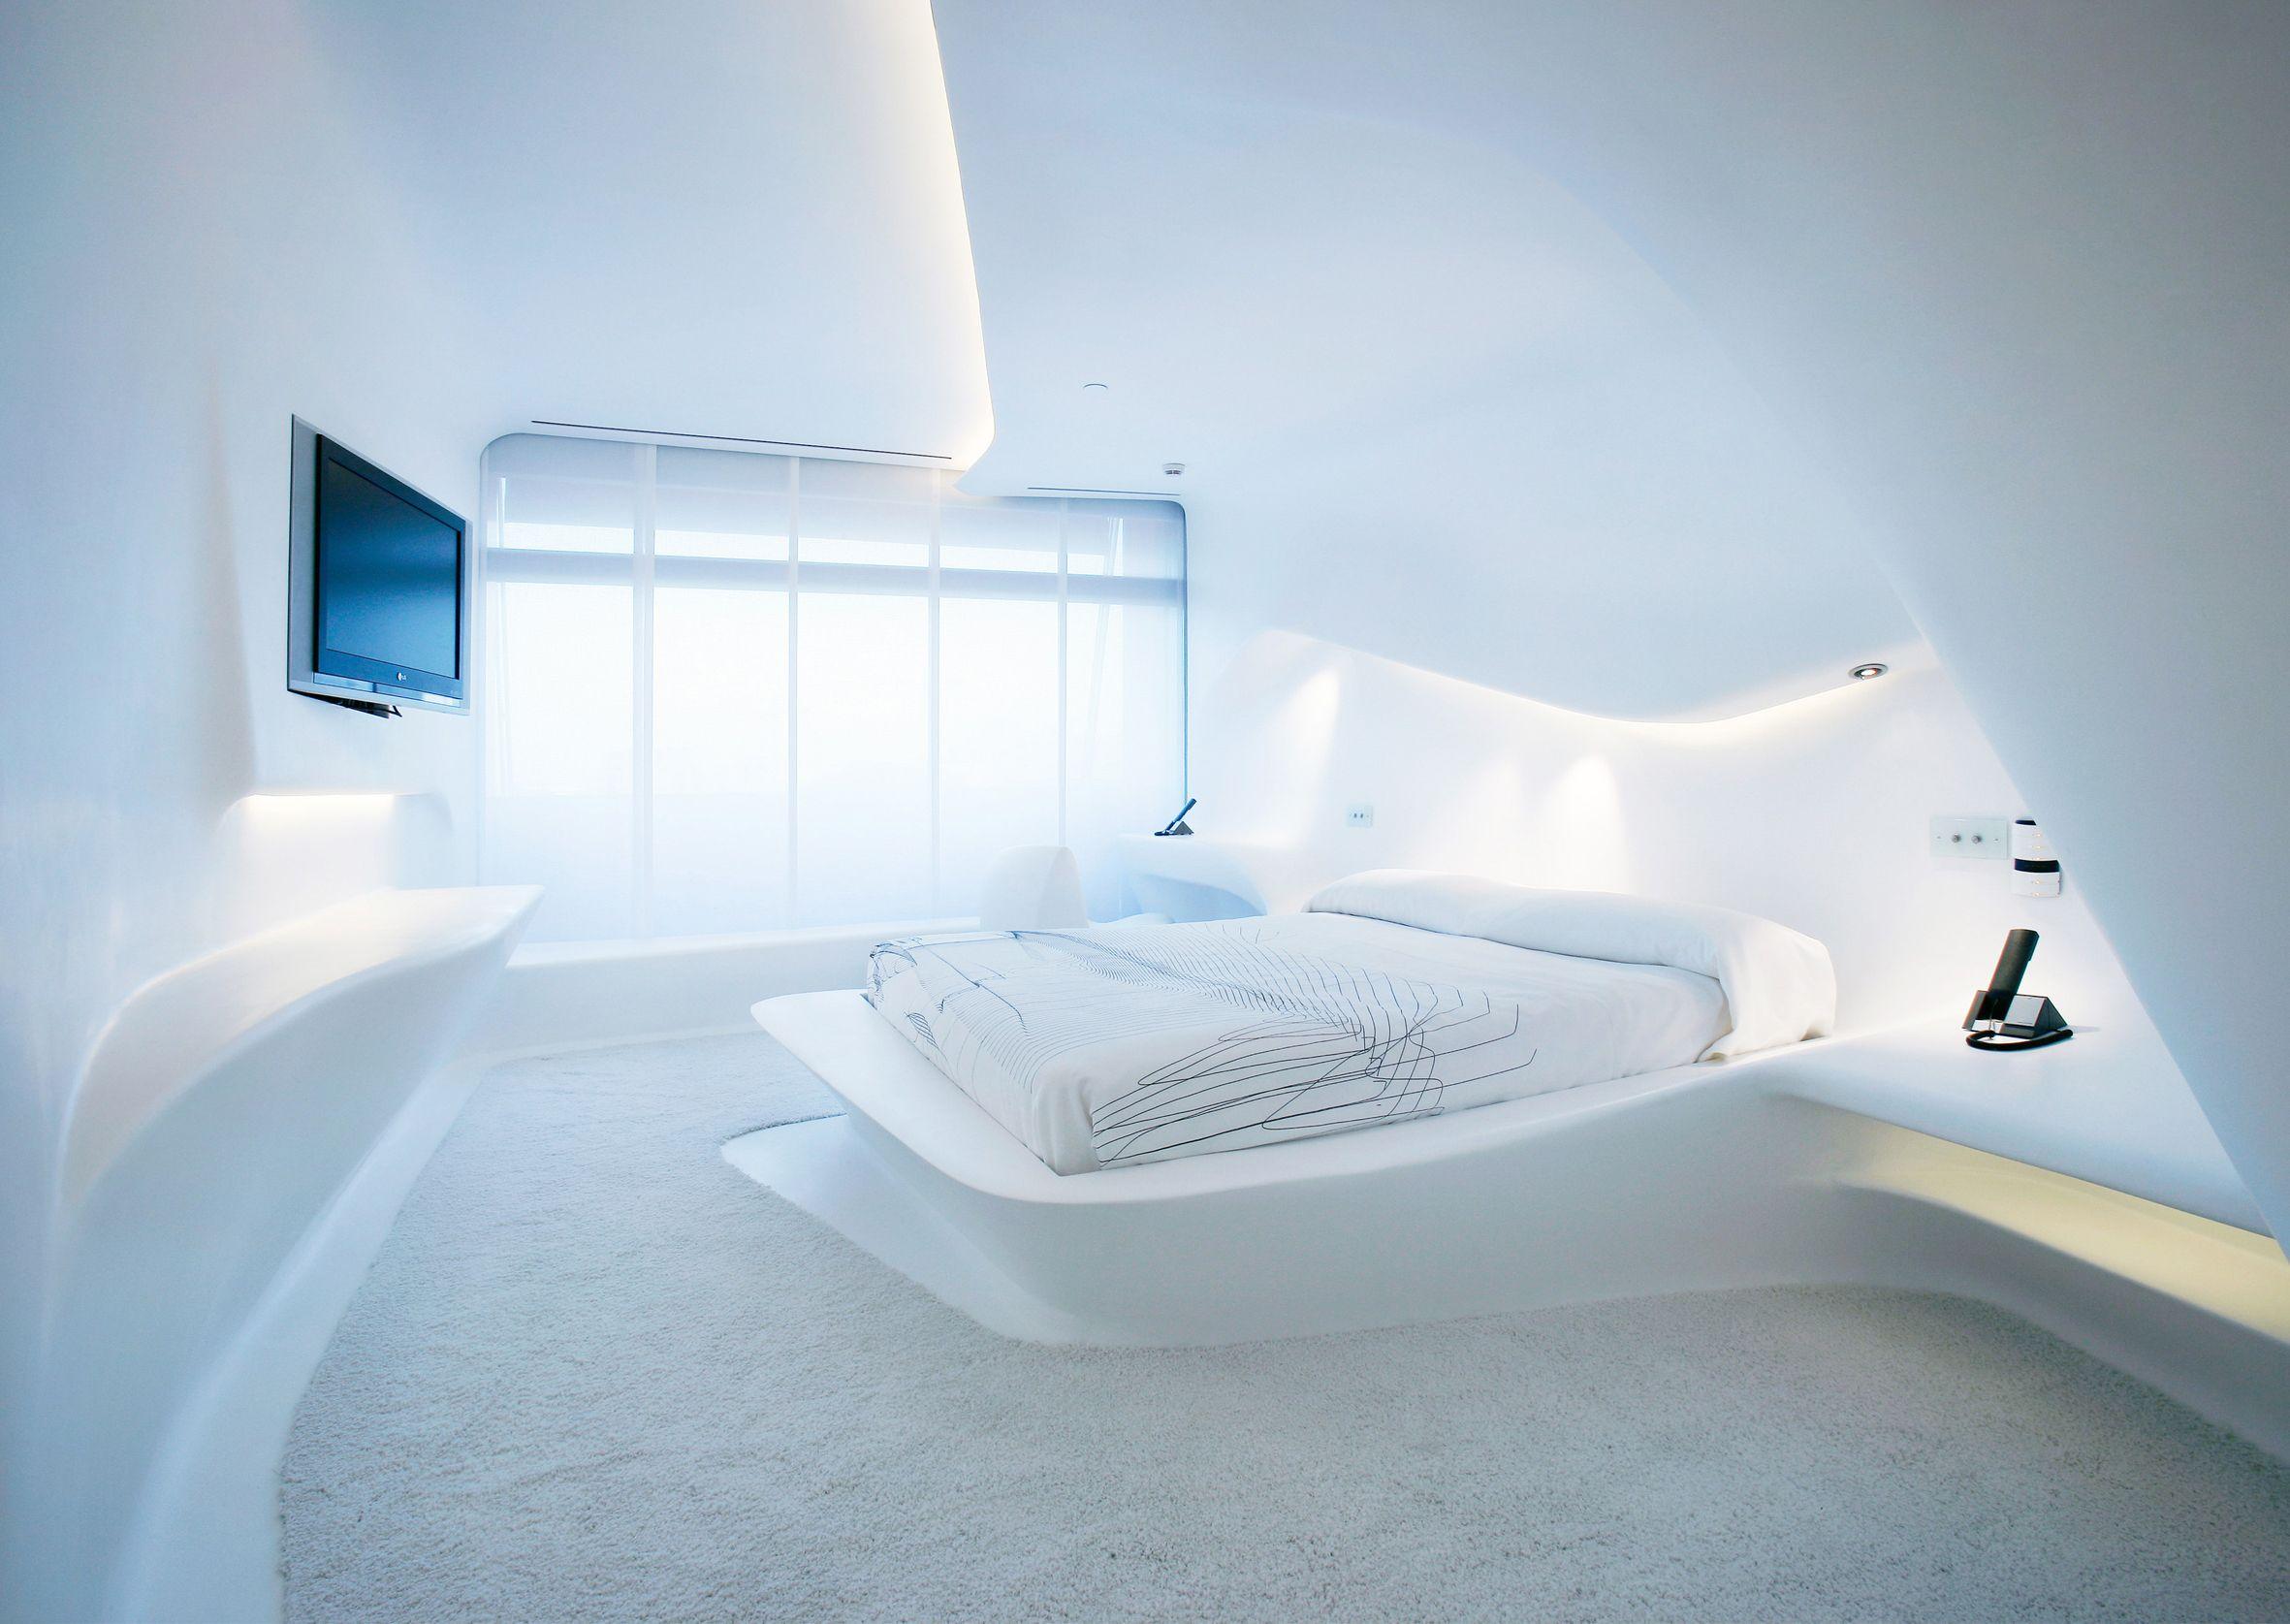 Pin de hoteles silken en madrid arquitectura dormitorio futurista y dormitorios Diseno interior futurista